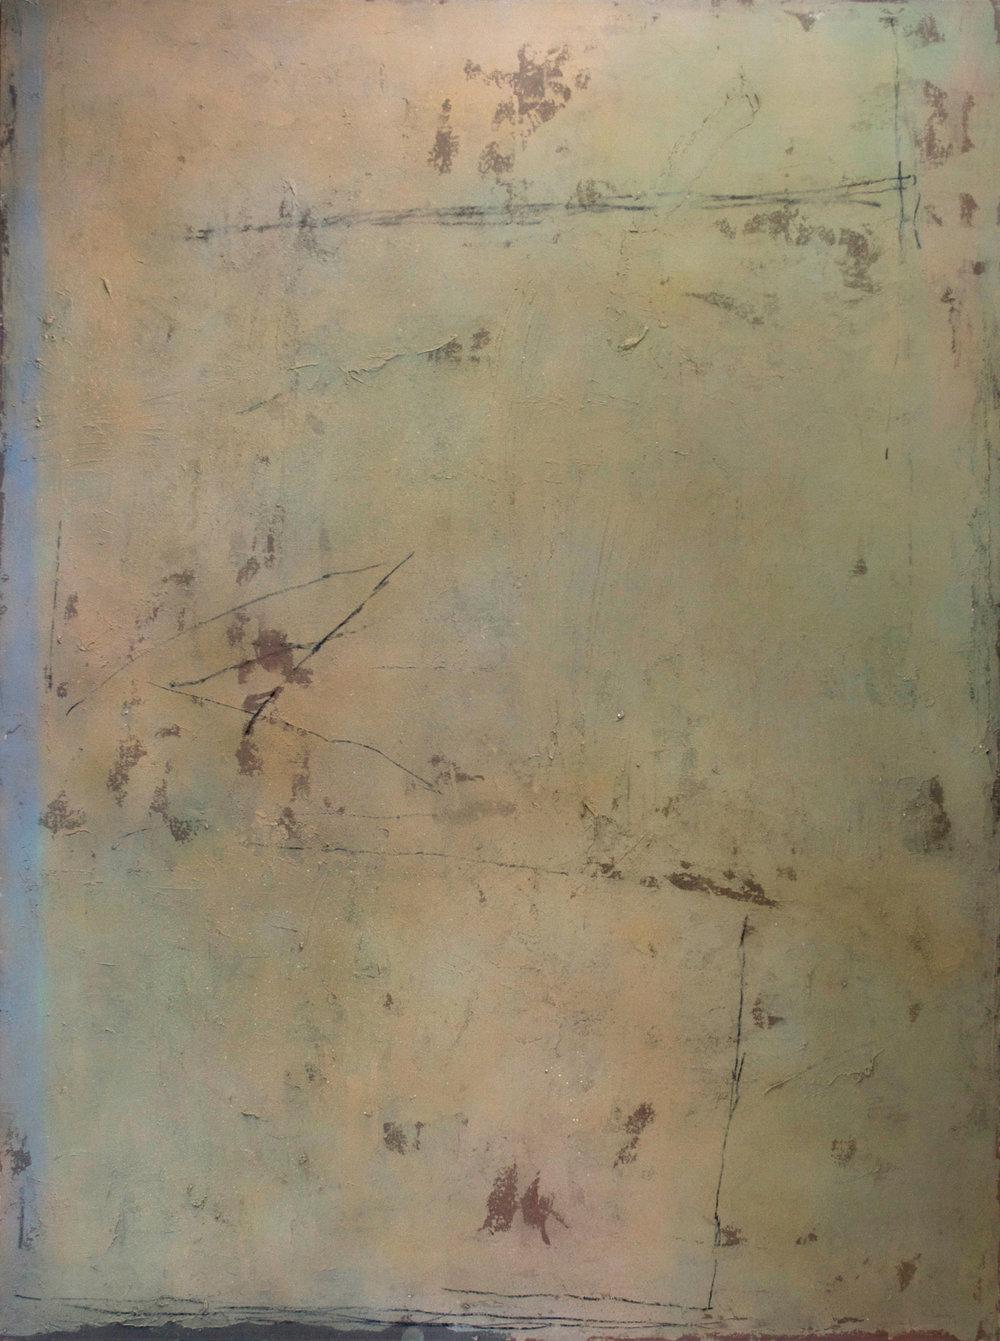 1977_Eglmah_acrylicandcharcoaloncanvas_87x65_PNF002.jpg